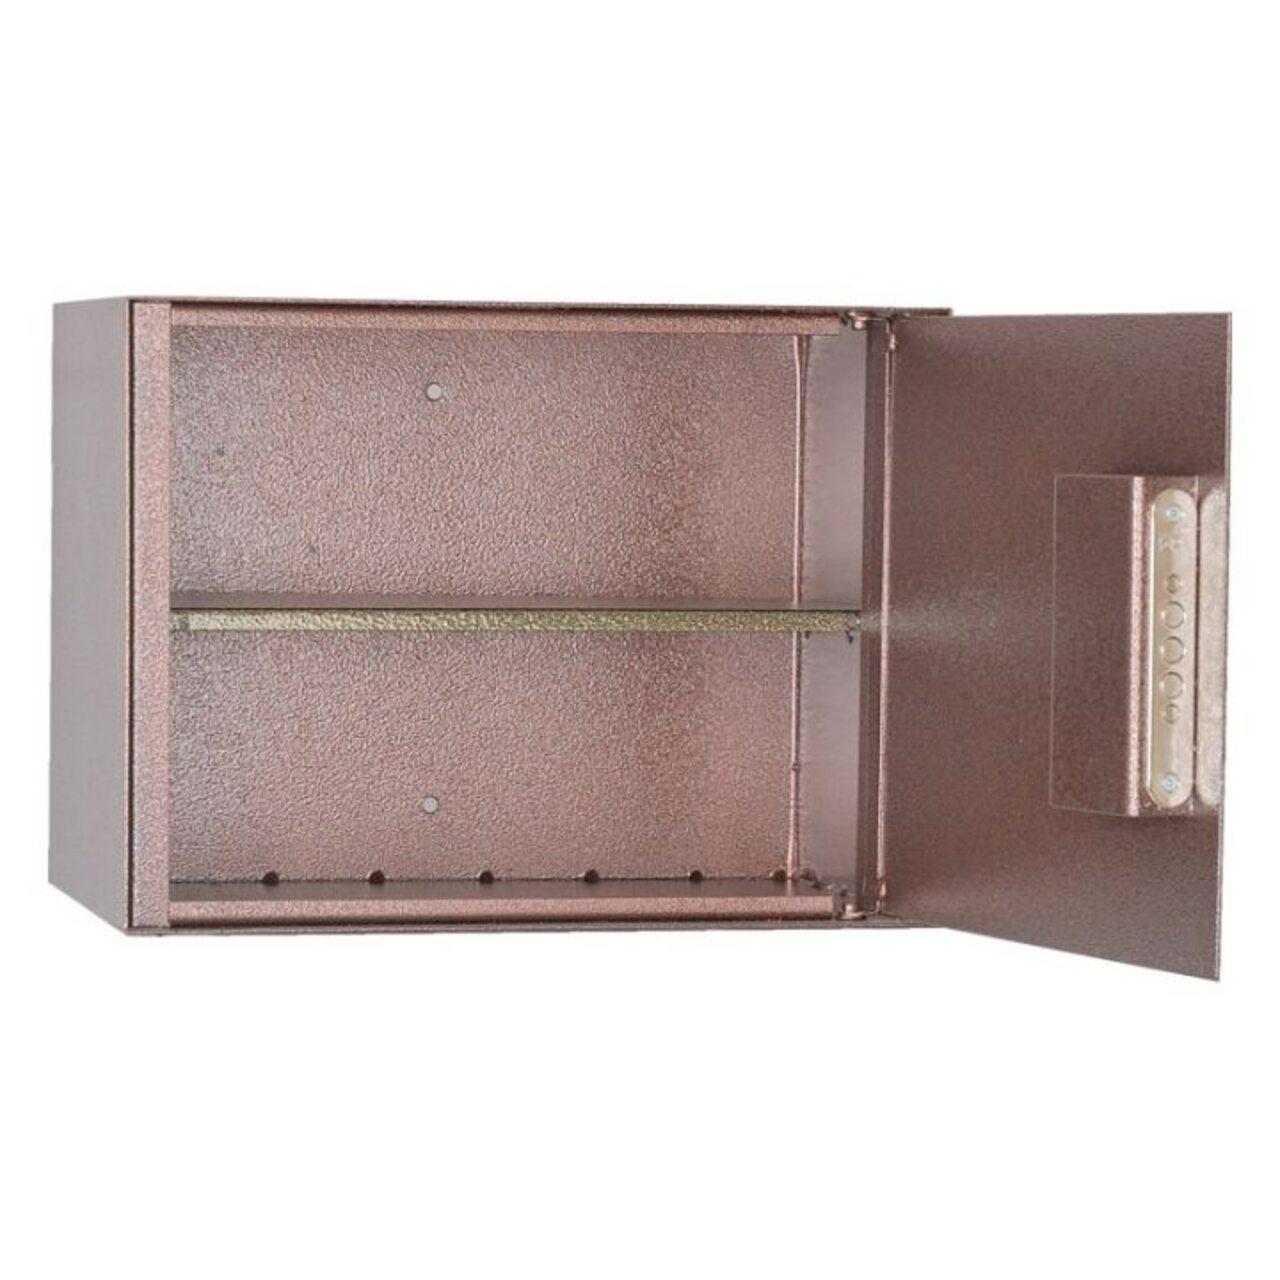 Шкаф мебельный ШМ-4 - фото 2